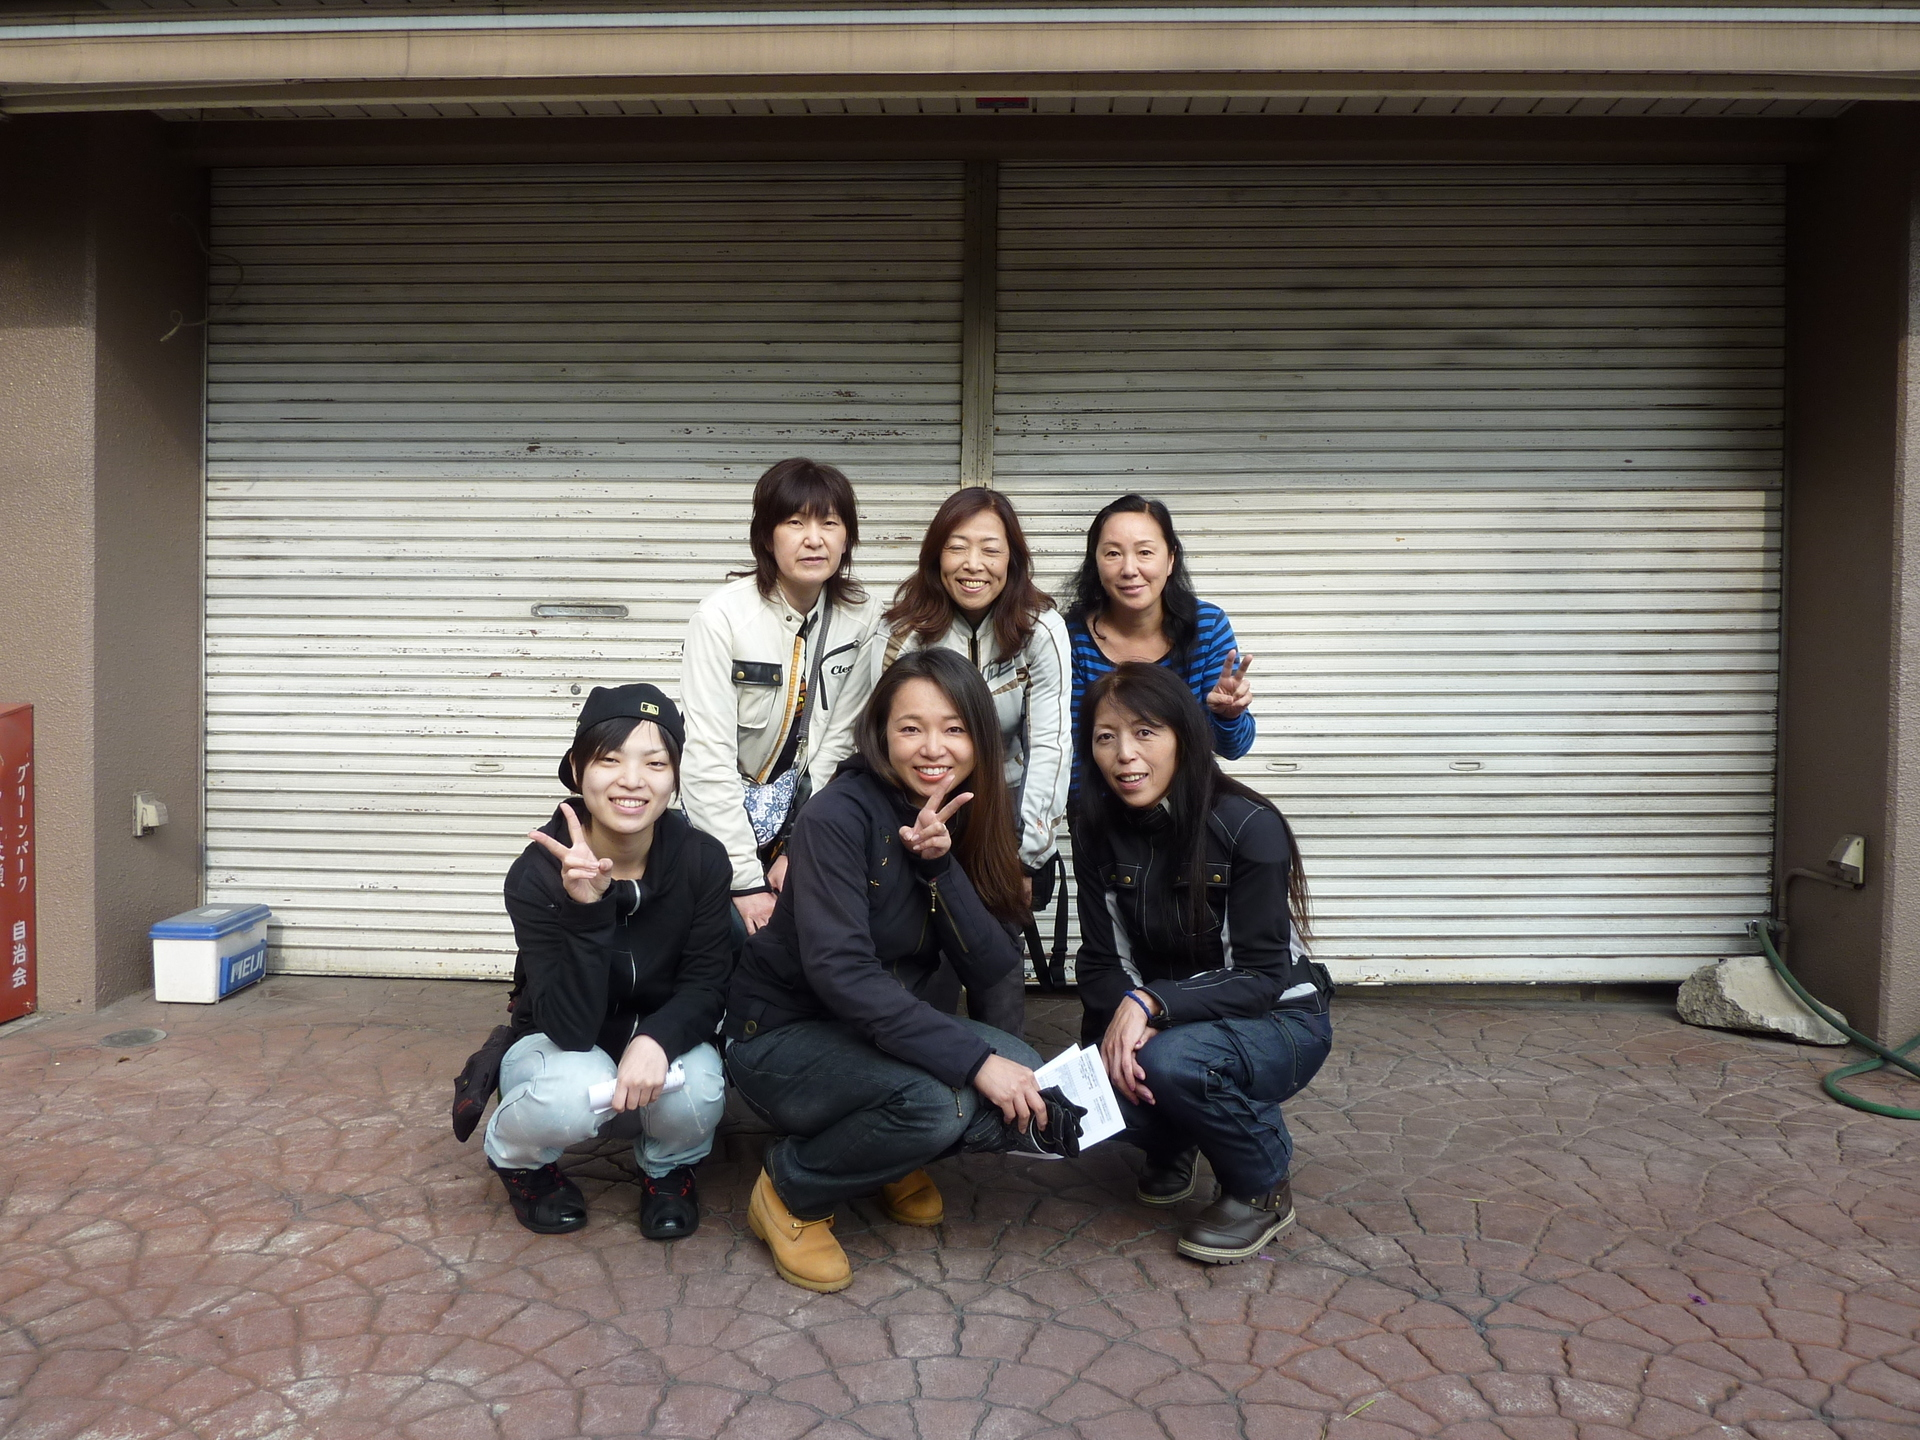 おばさん 集合写真 shiromuku(fs6)DIARY